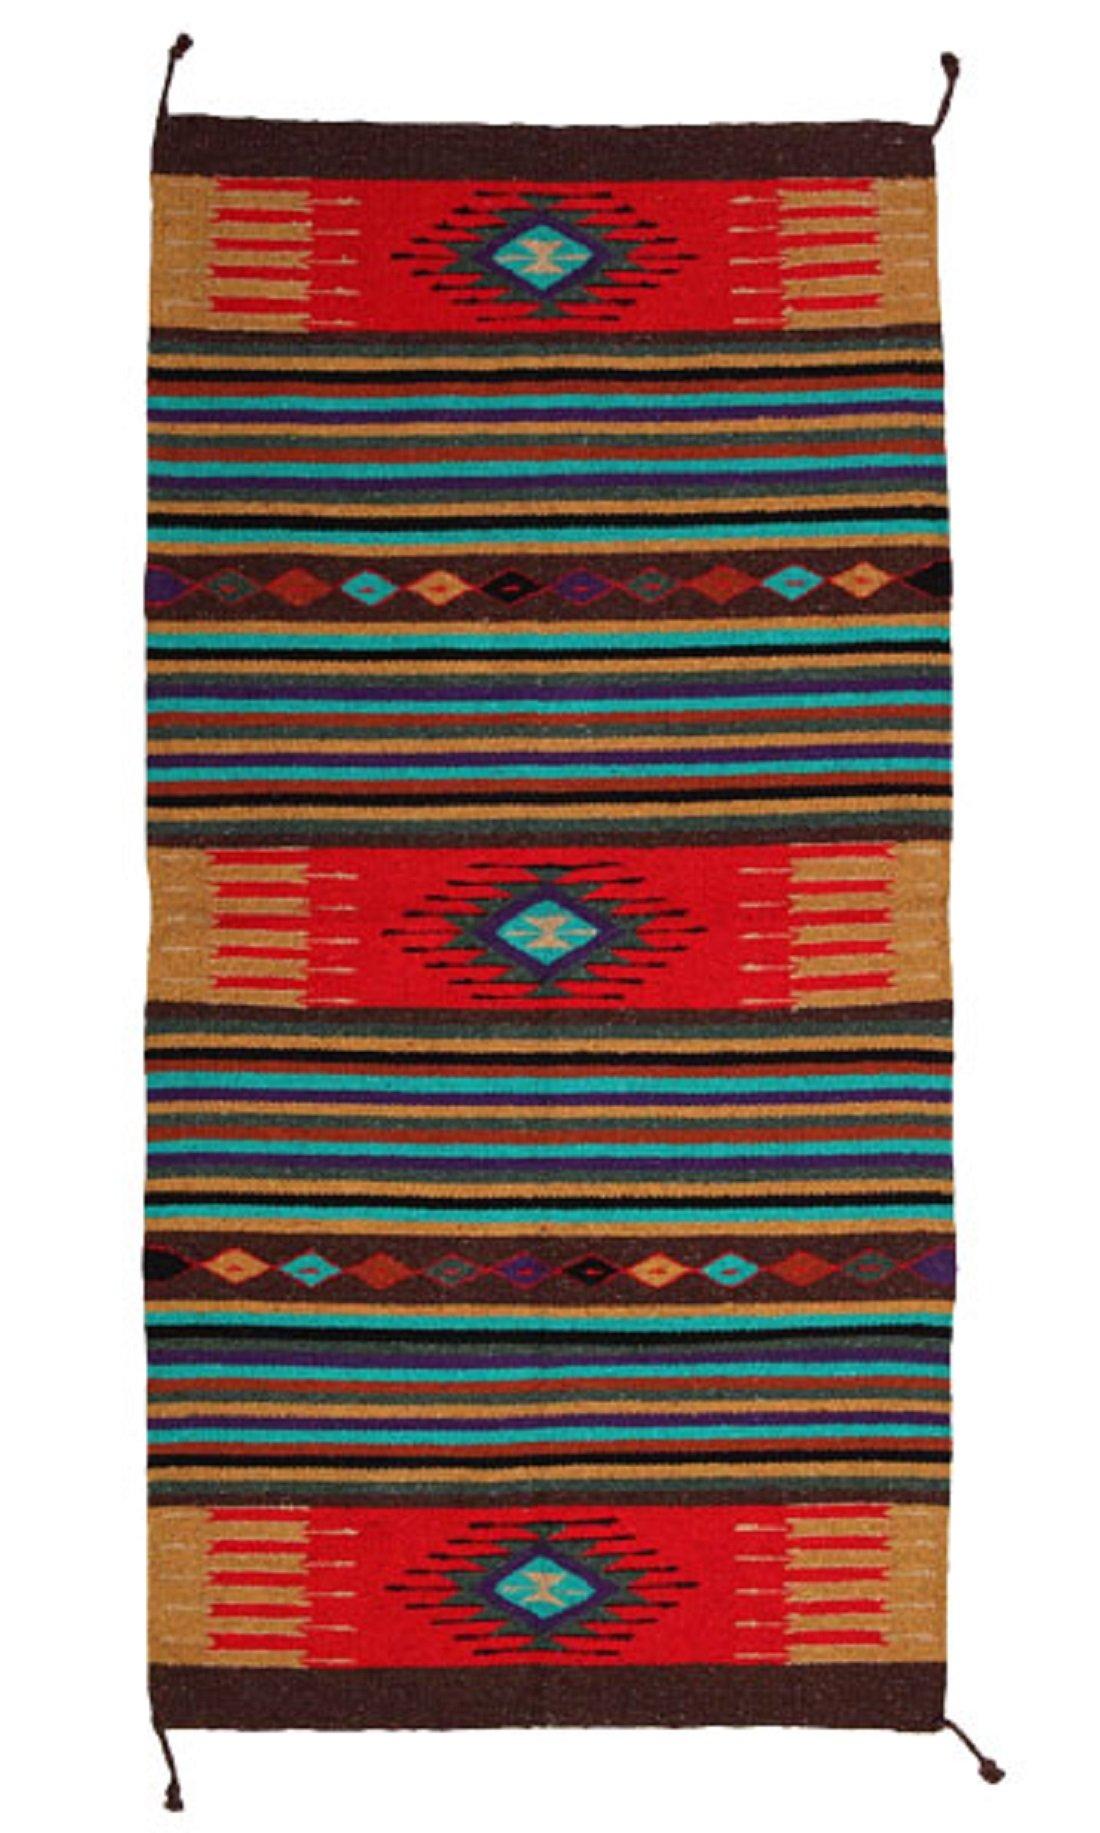 Handwoven Azteca Rug 4'x6' by Azteca